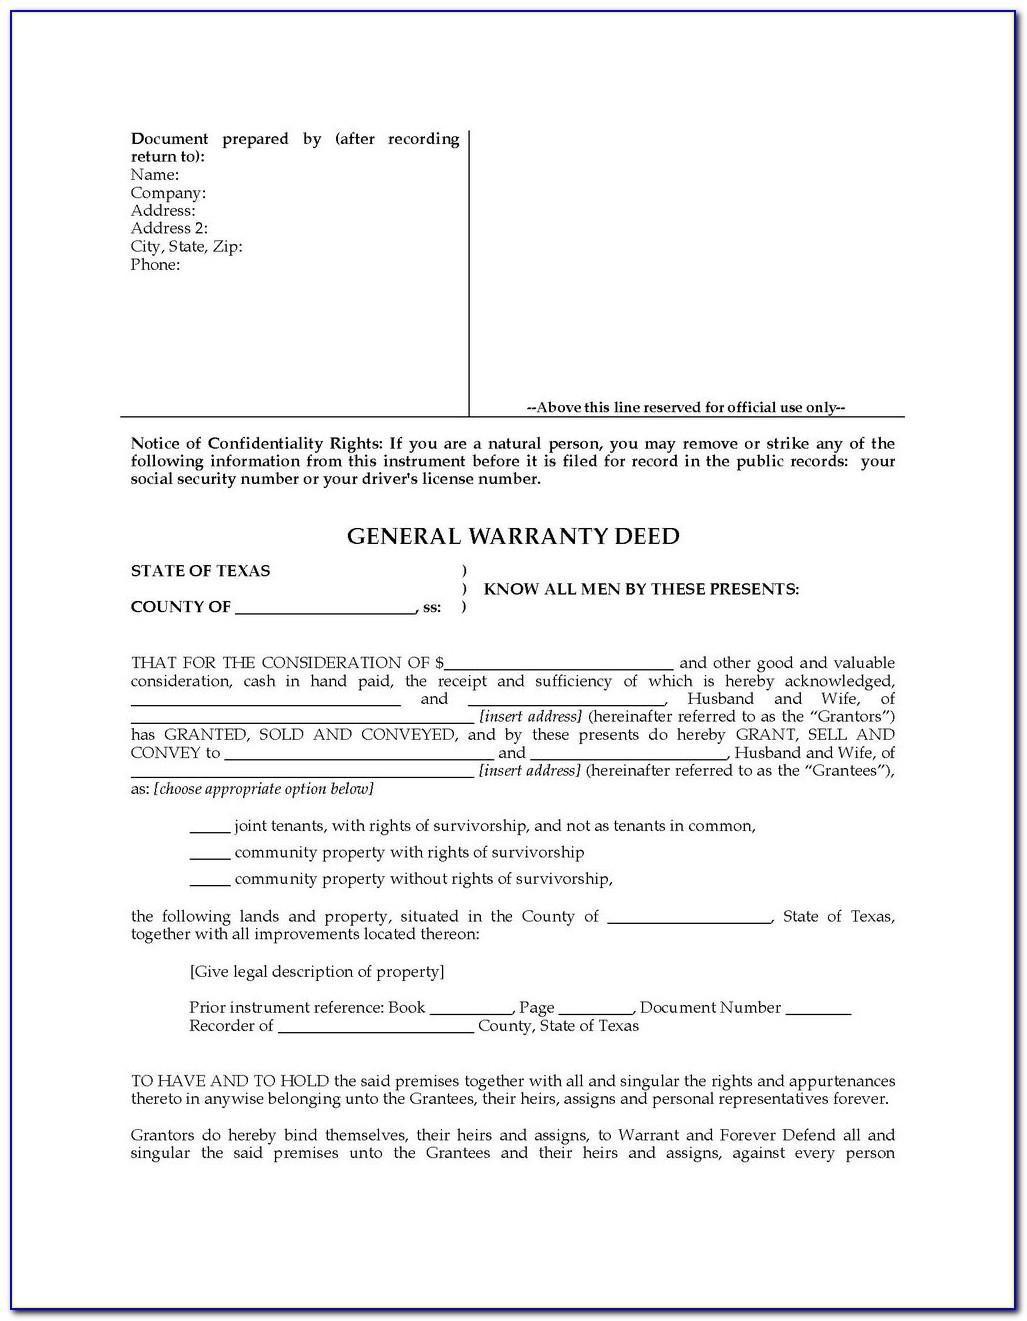 California Special Warranty Deed Form